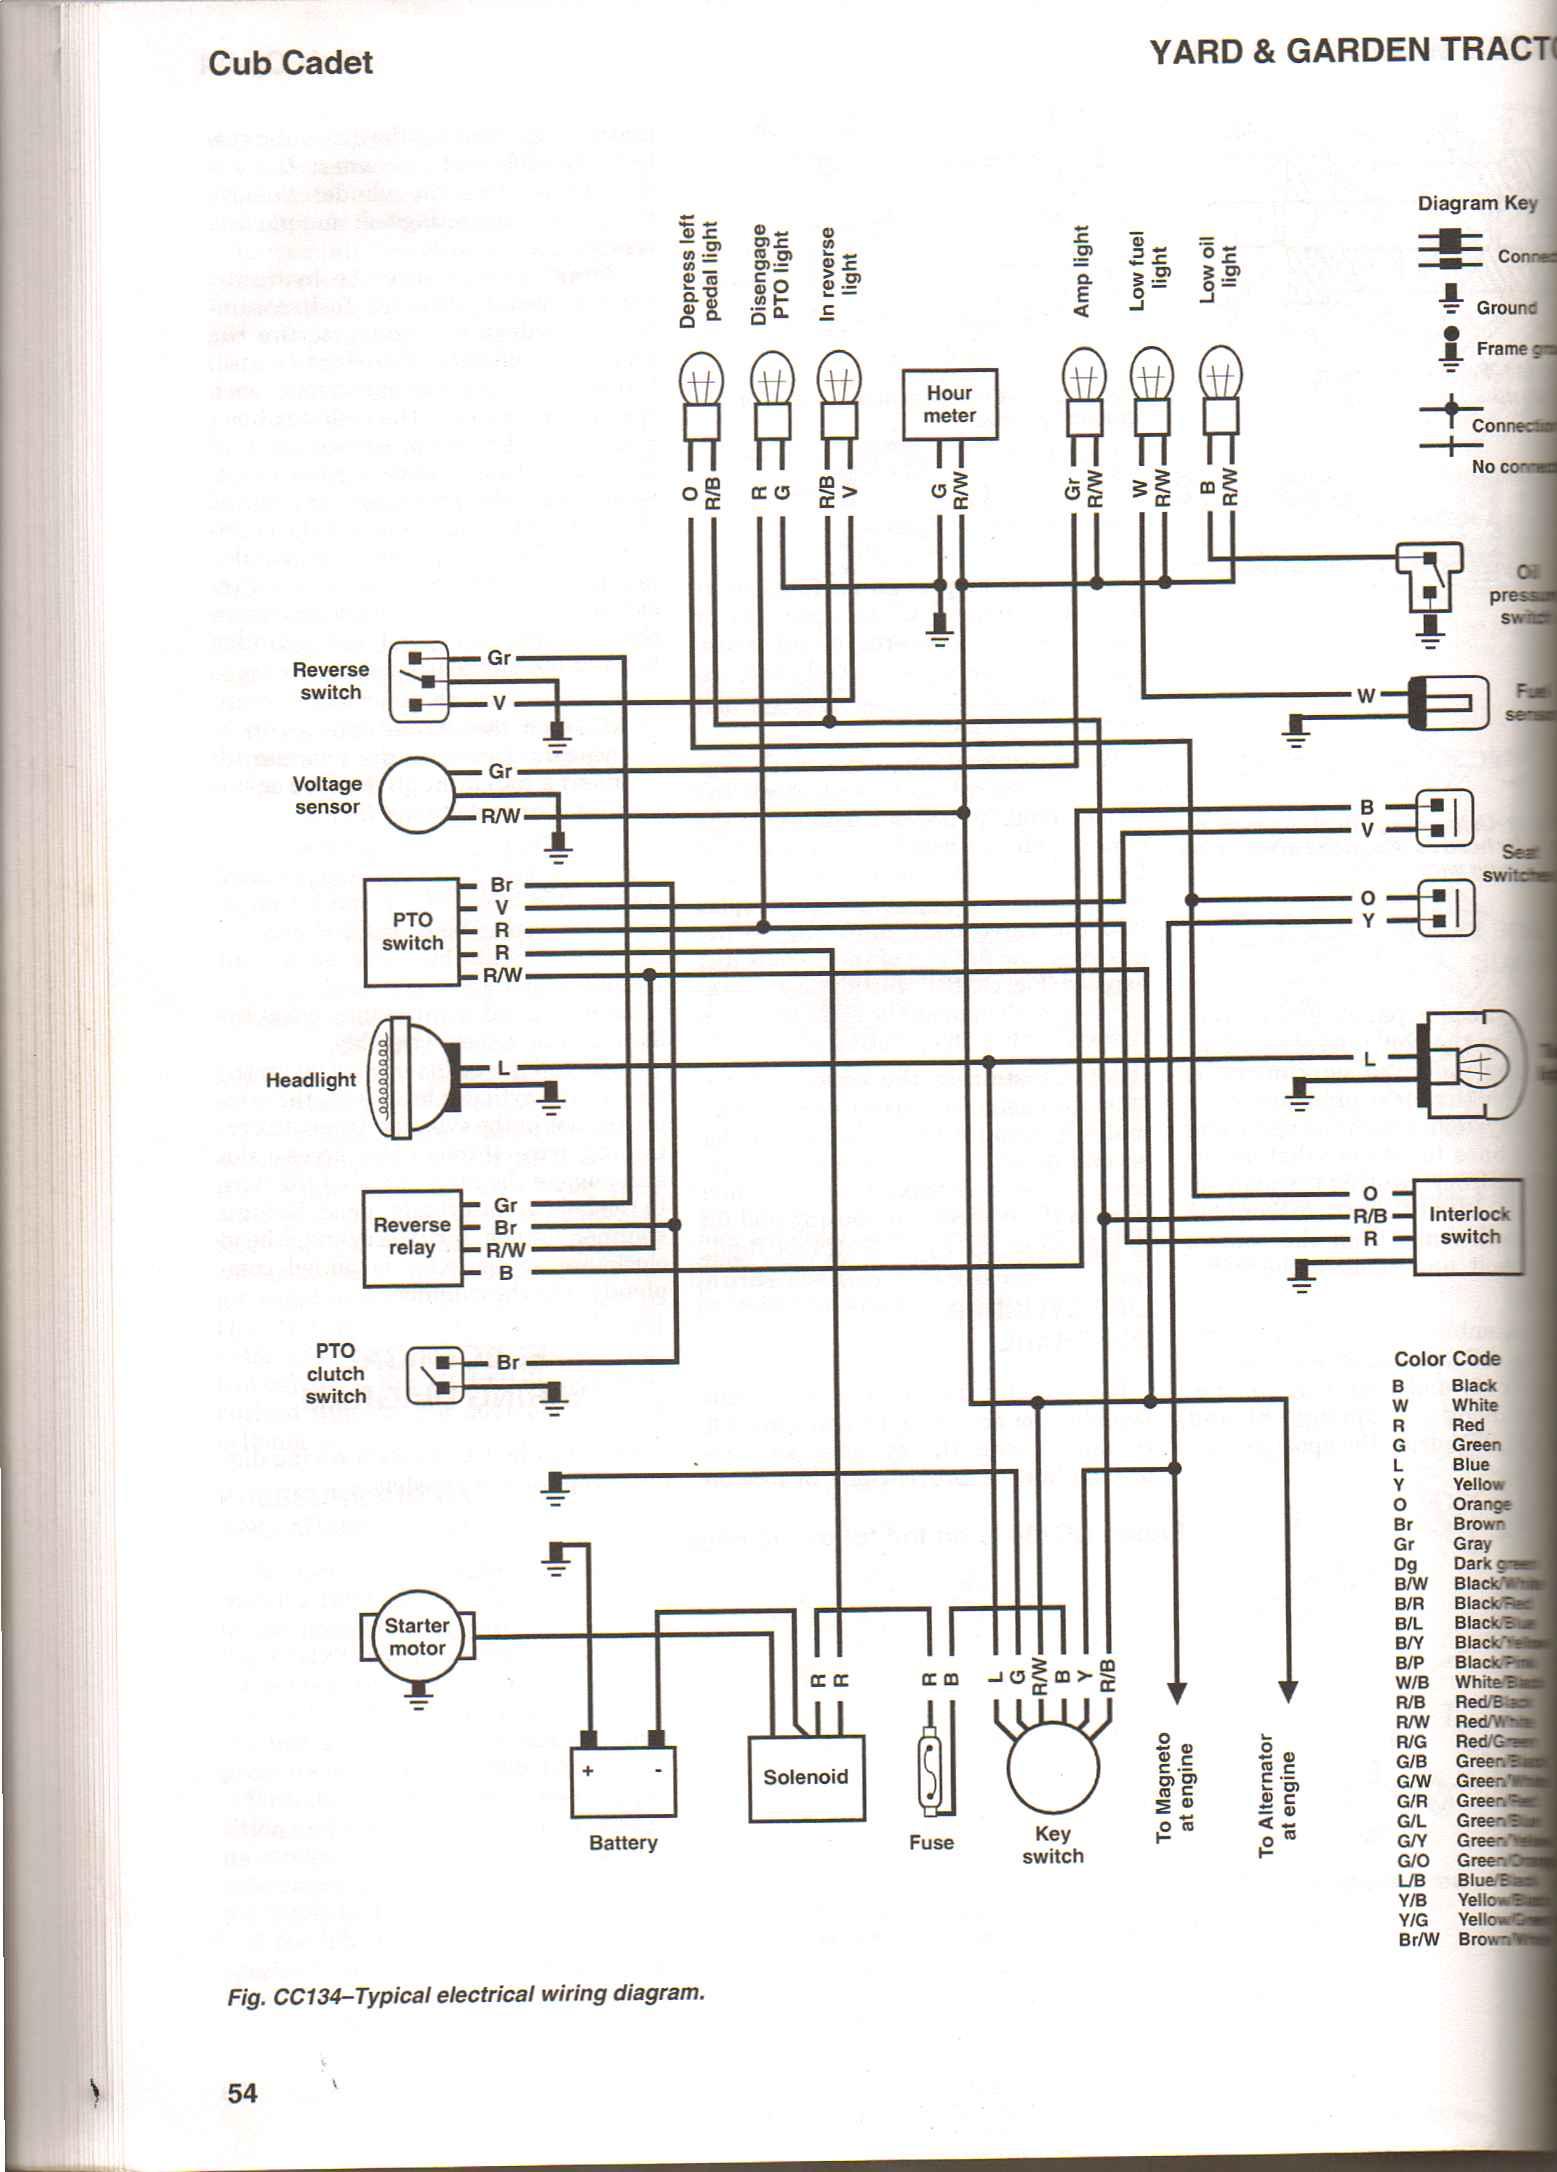 Cub Cadet Pto Clutch Wiring Diagram | Wiring Diagram - Cub Cadet Pto Switch Wiring Diagram